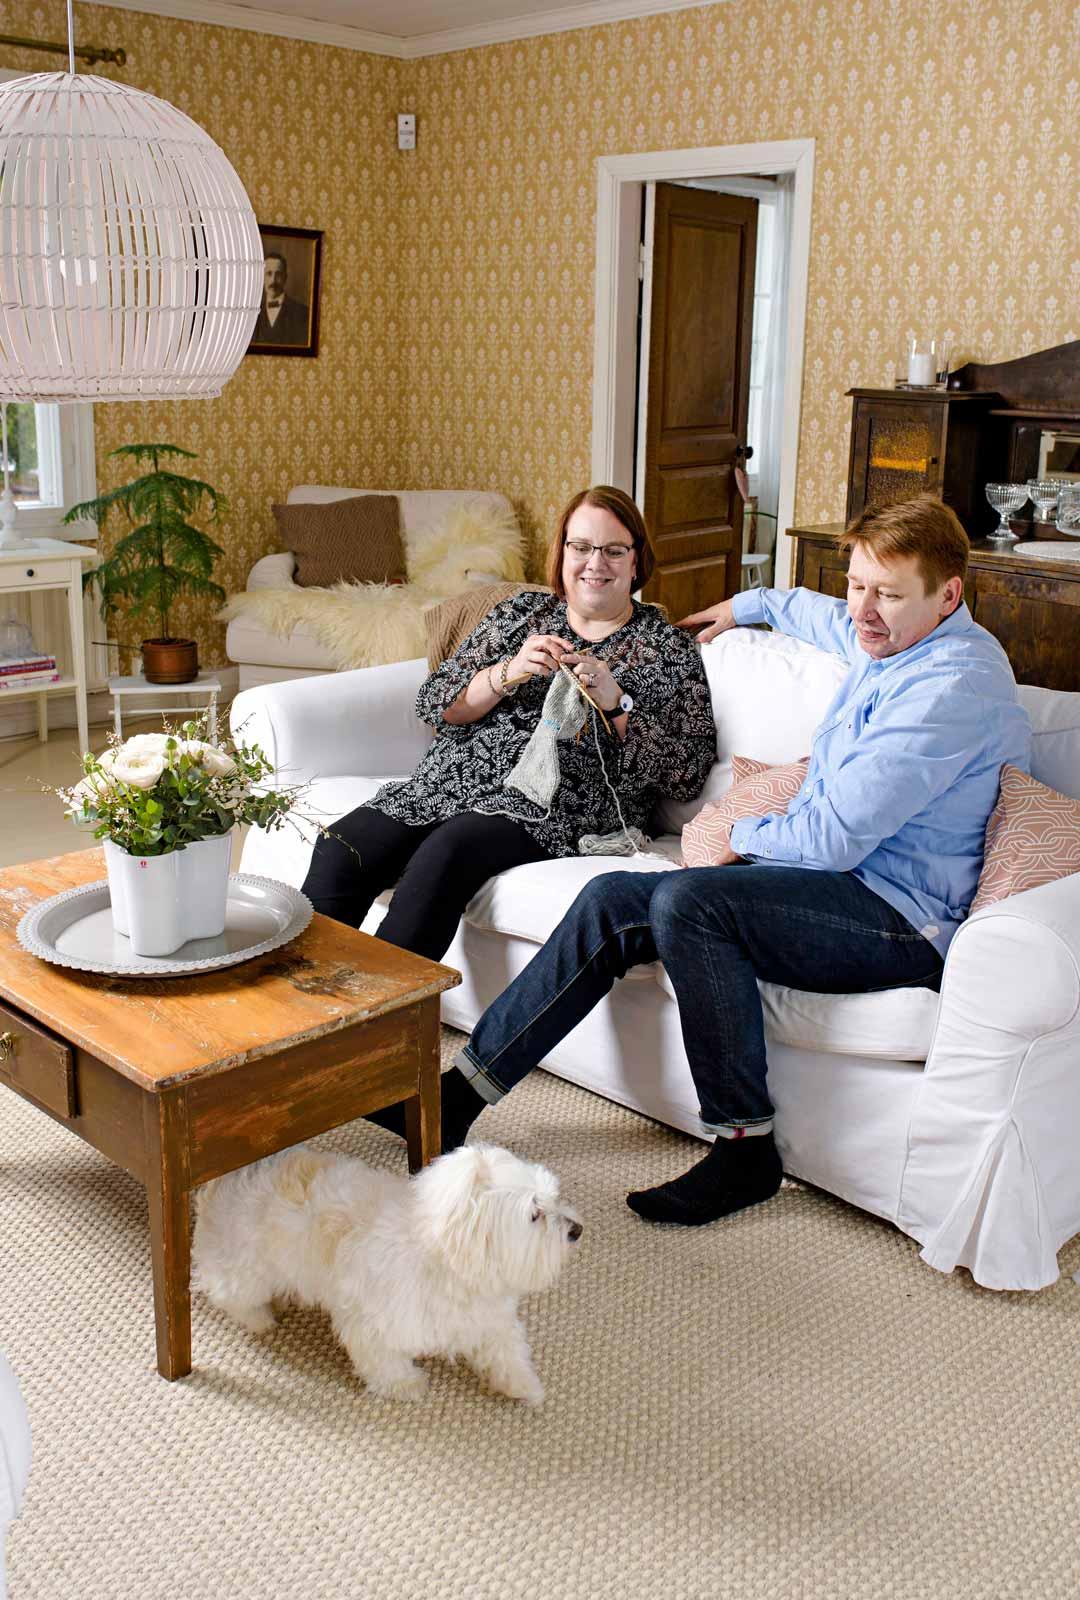 Talo oli Maija ja Matti Perälammen ihastelun kohteena ollut jo pitkään, lopulta he saivat hankittua omakseen. Myös Saga-koira nauttii olostaan siellä.